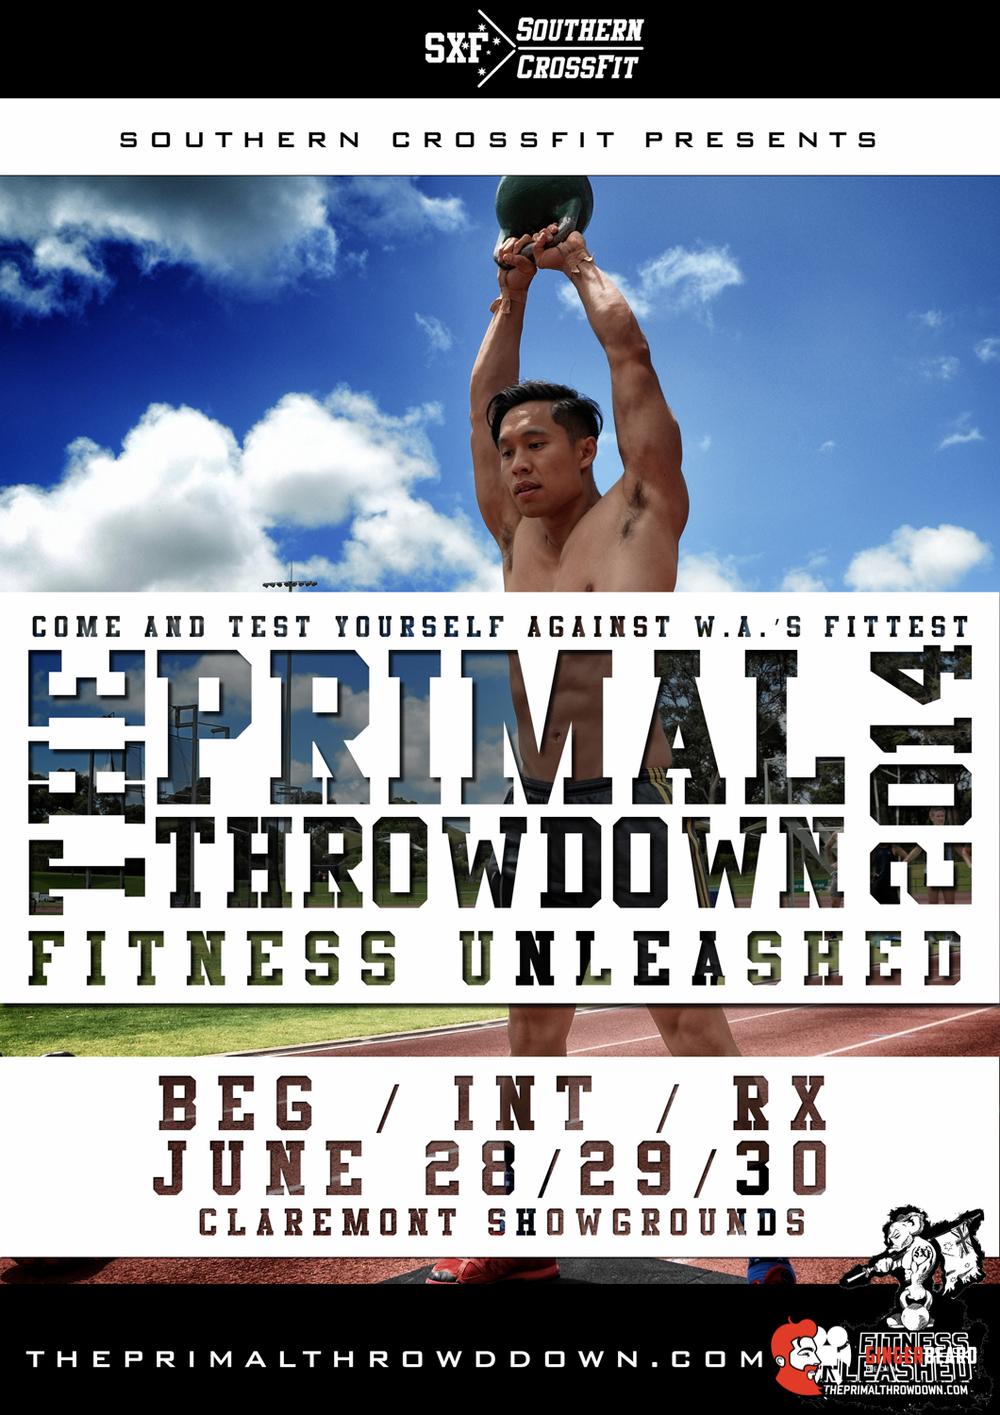 Primal Poster 2014 (Rev 3.1.9).jpg